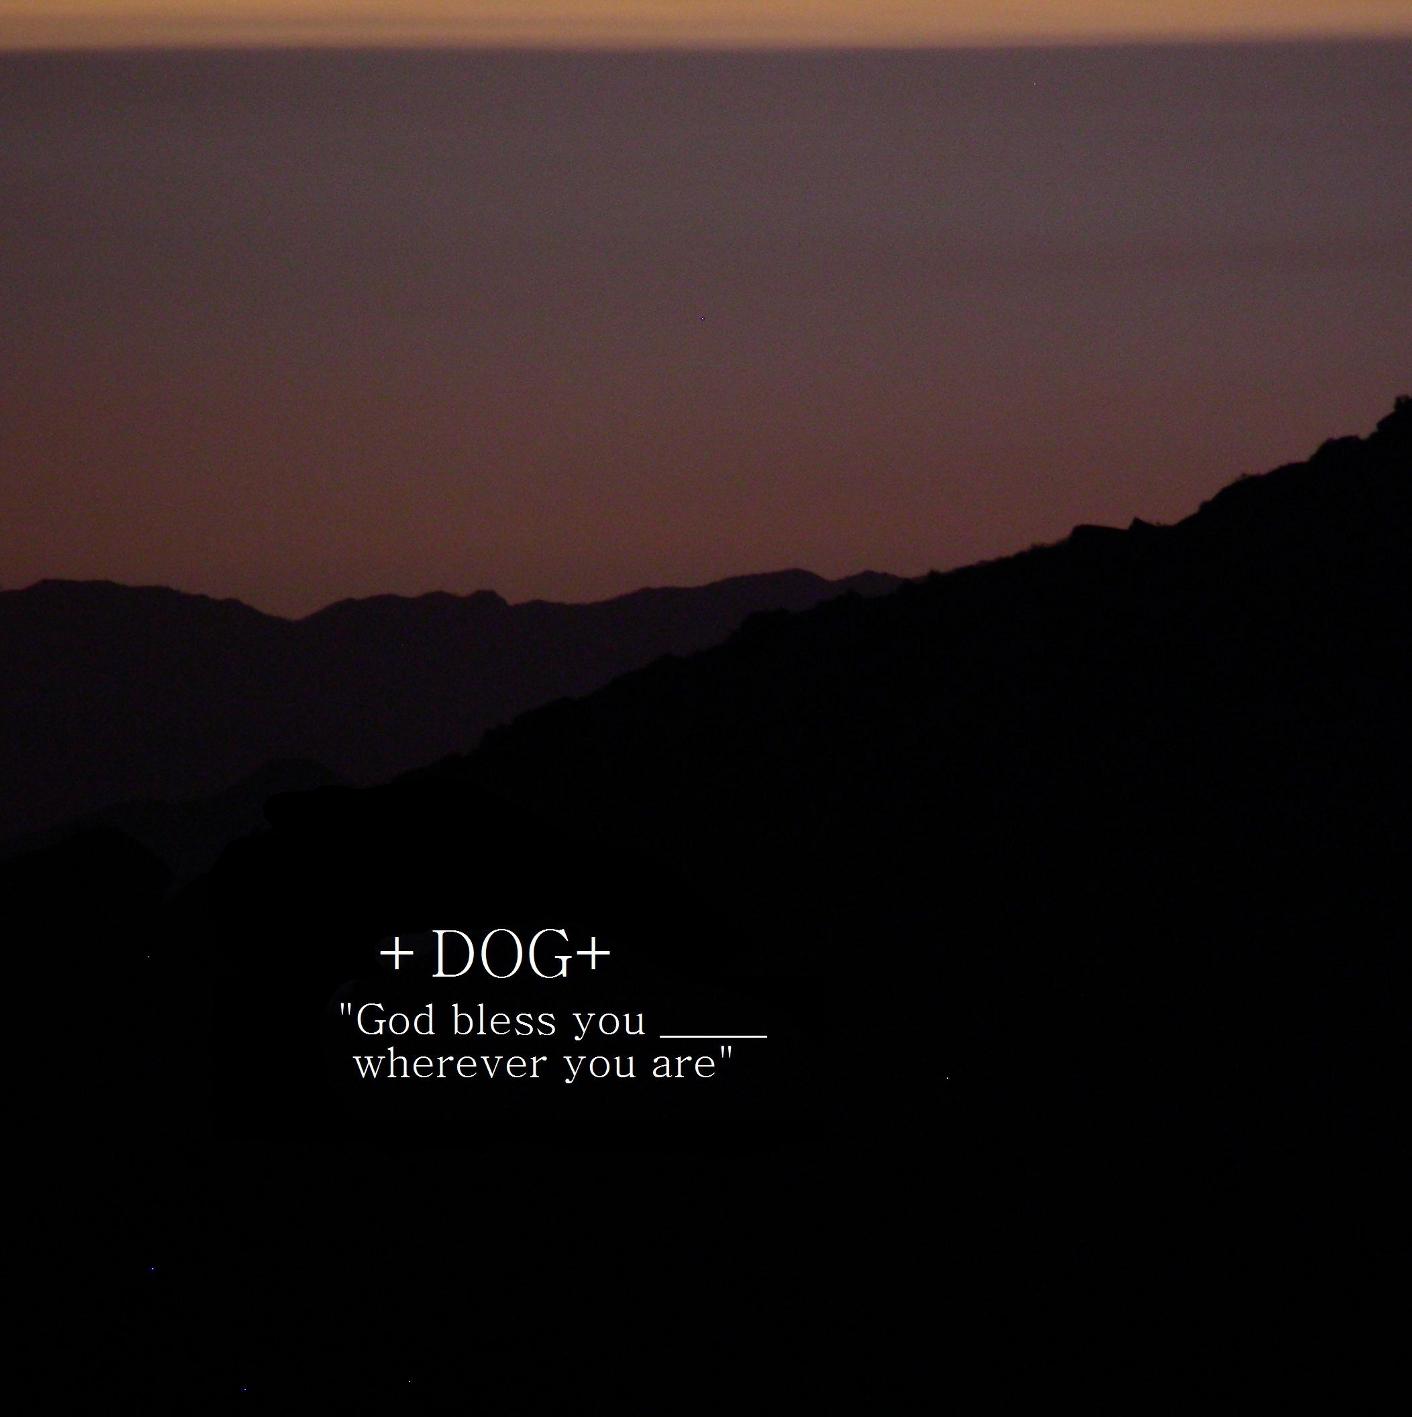 +DOG+